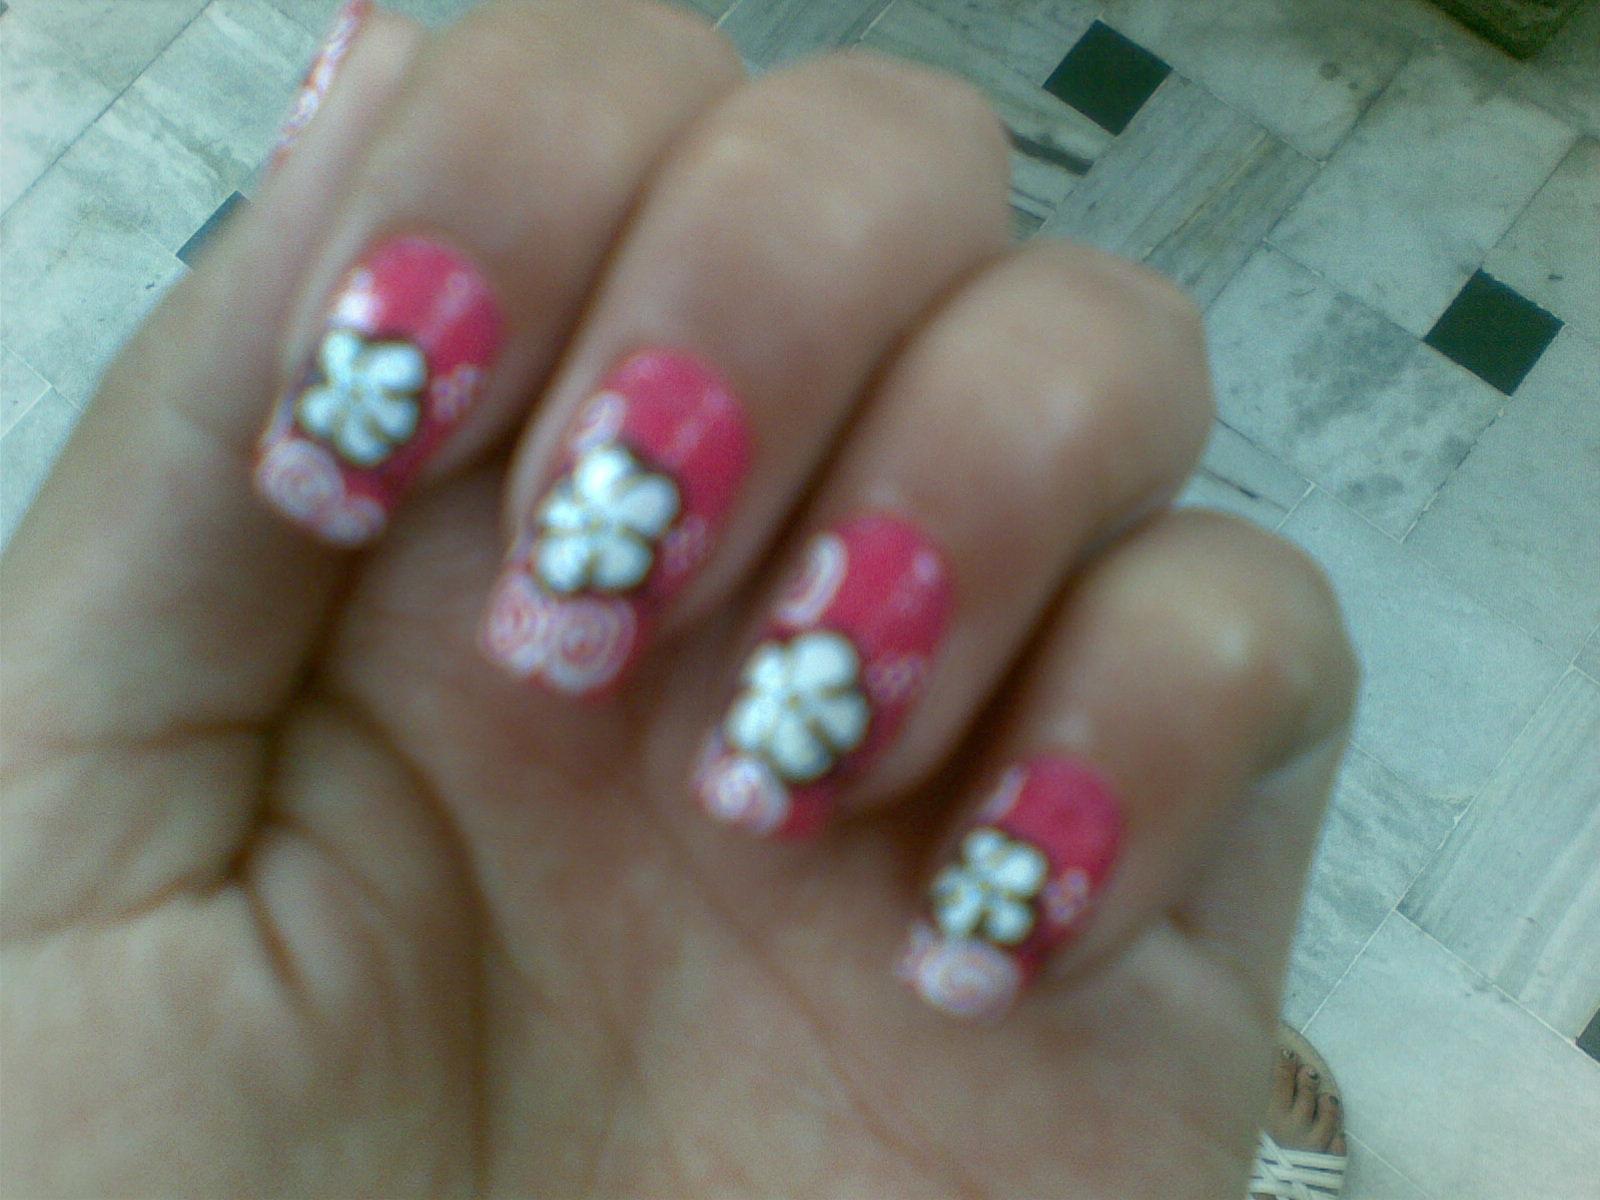 Beautiful Nail Art Design - Creative Nail Designs and ...